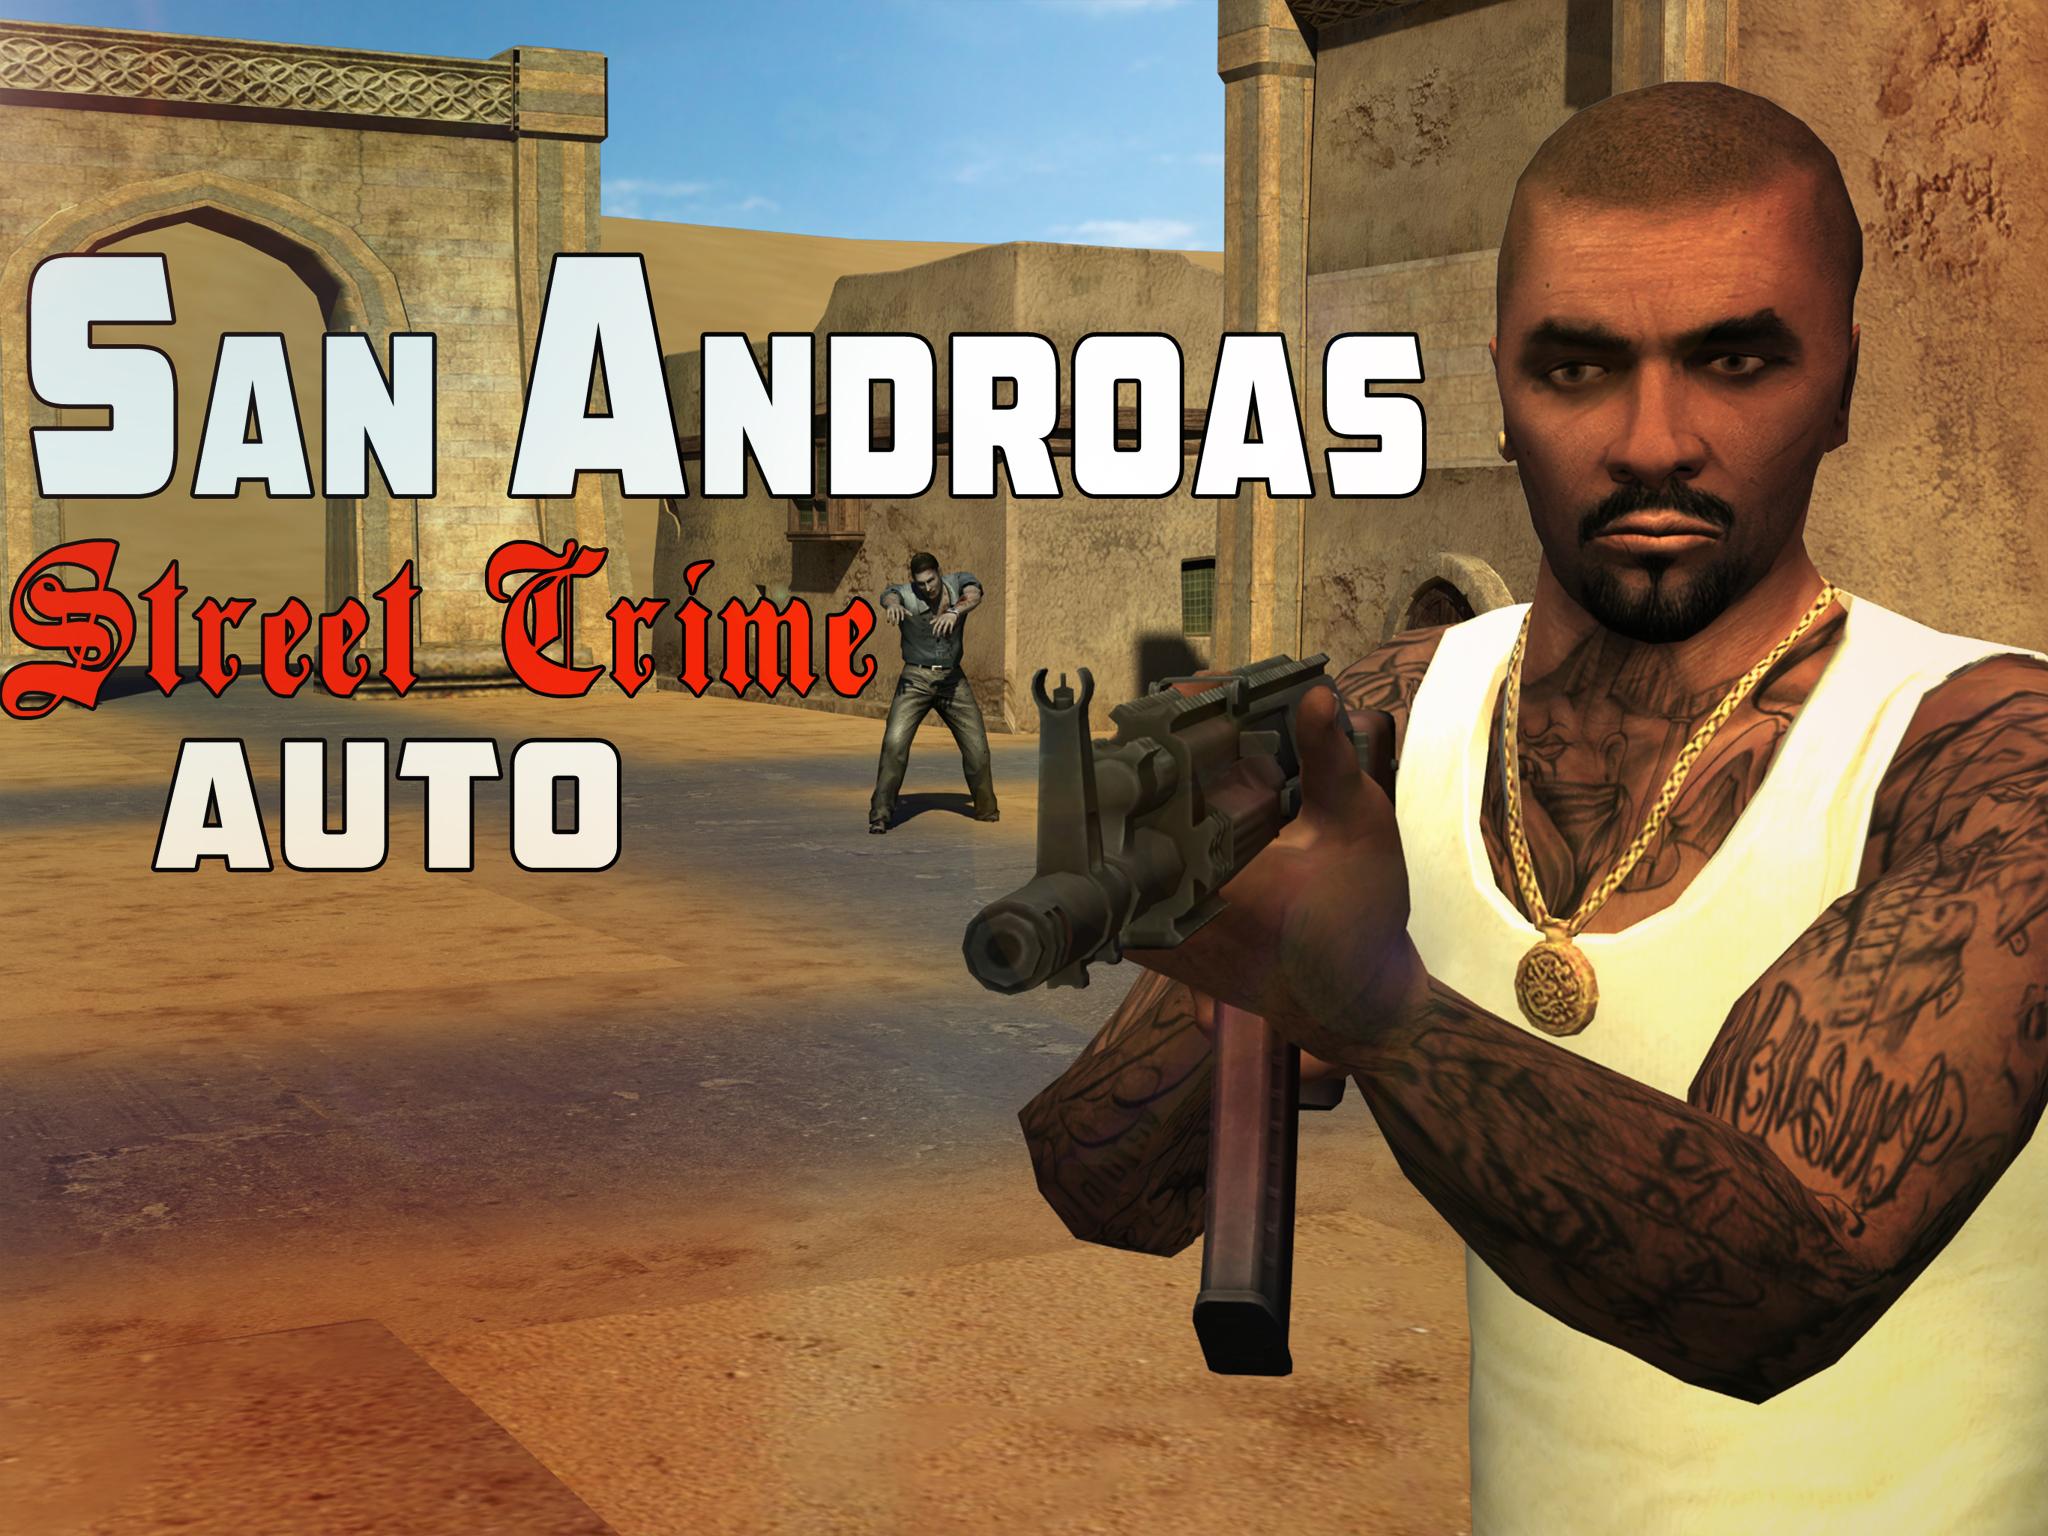 San Androas Street Crime Auto